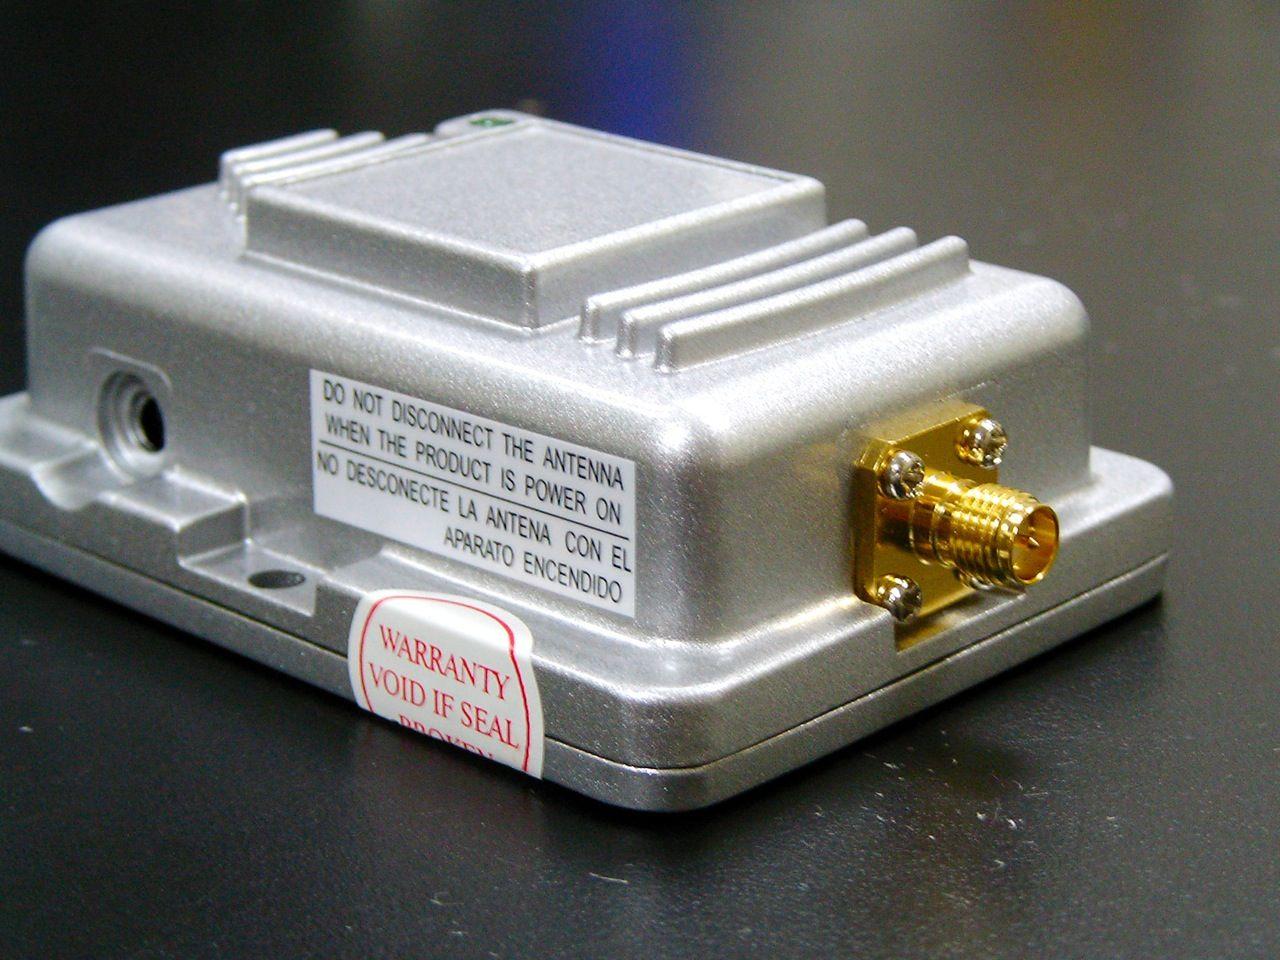 画像2: 2.4GHz WiFi ホットスポット用ブースター 1000 mW (+30 dBm)